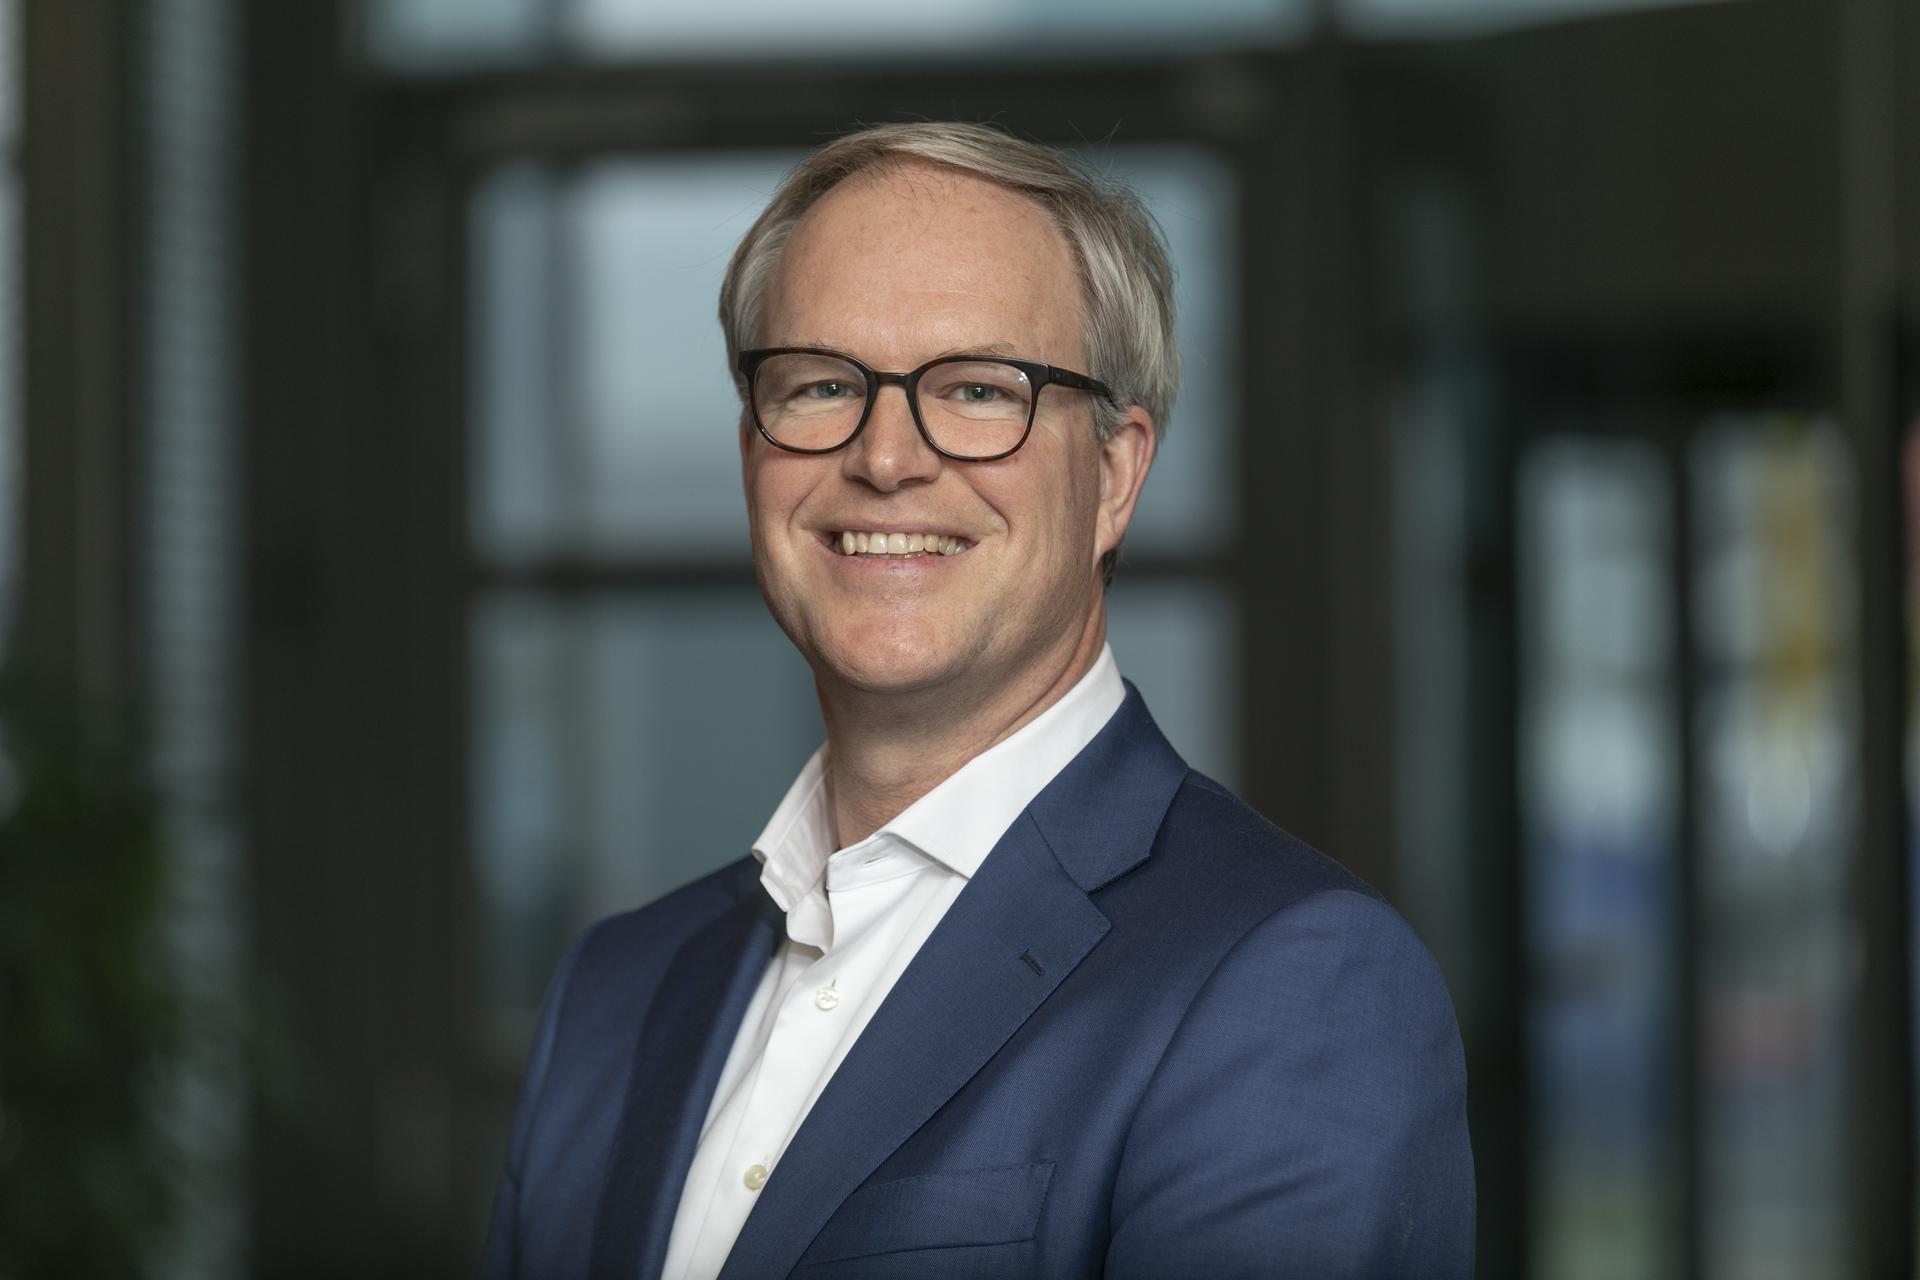 Pieter Zeestraten